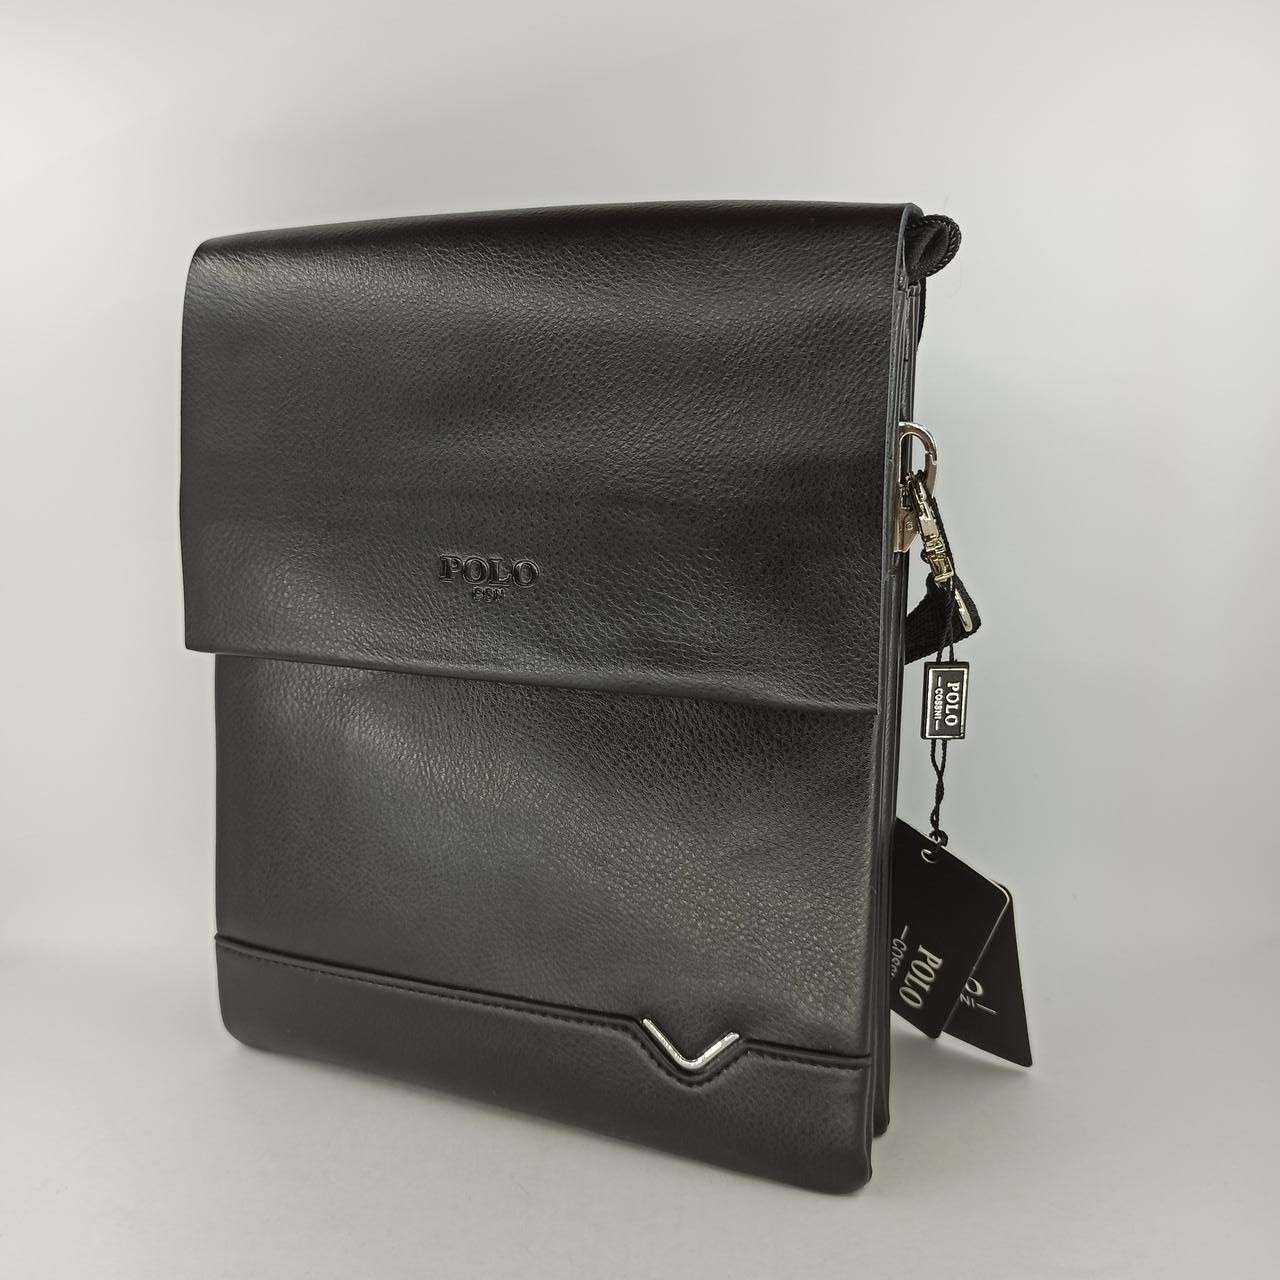 Мужская кожаная сумка планшет через плечо Polo В311-3